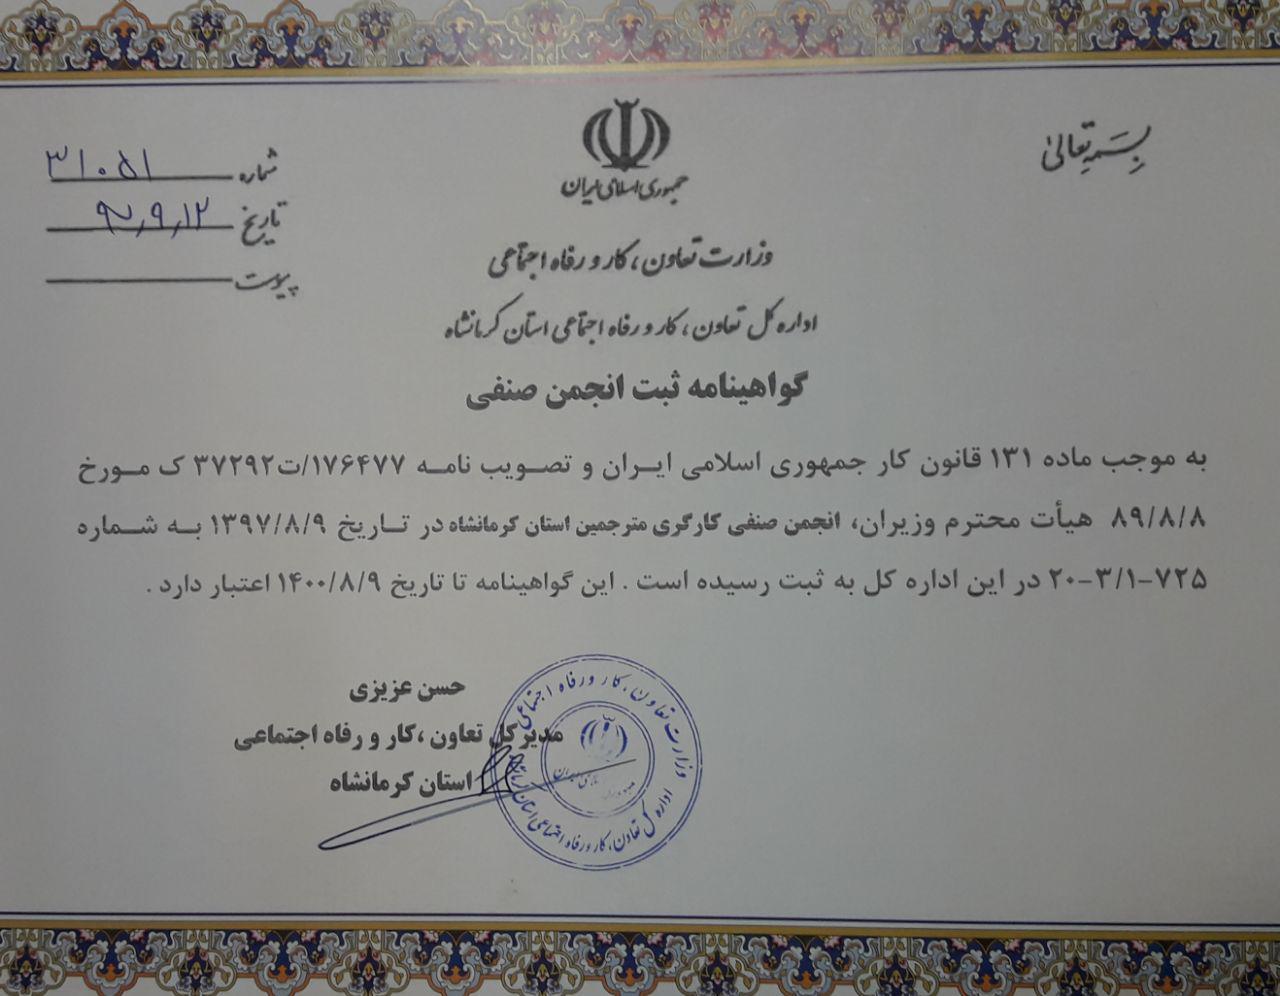 ثبت رسمی صنف مترجمین استان کرمانشاه